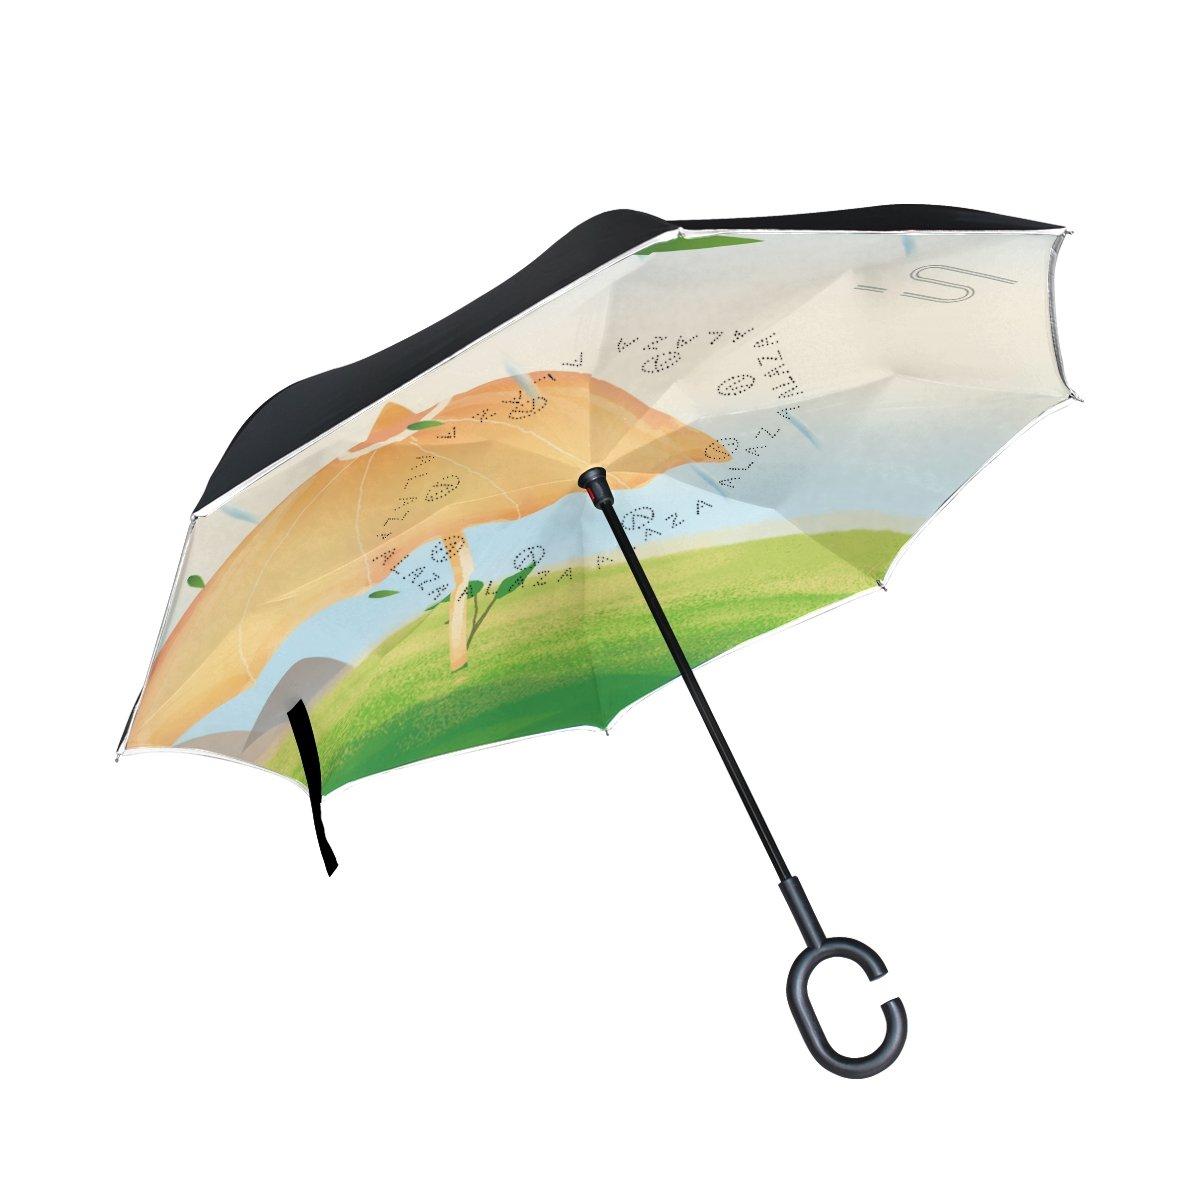 Double Layer Inverted傘雨太陽またはトラベル傘防風UV保護Big Straight傘軽量ポータブルアウトドアゴルフ傘C型ハンドル内部イエロー傘 B07B95WD6R